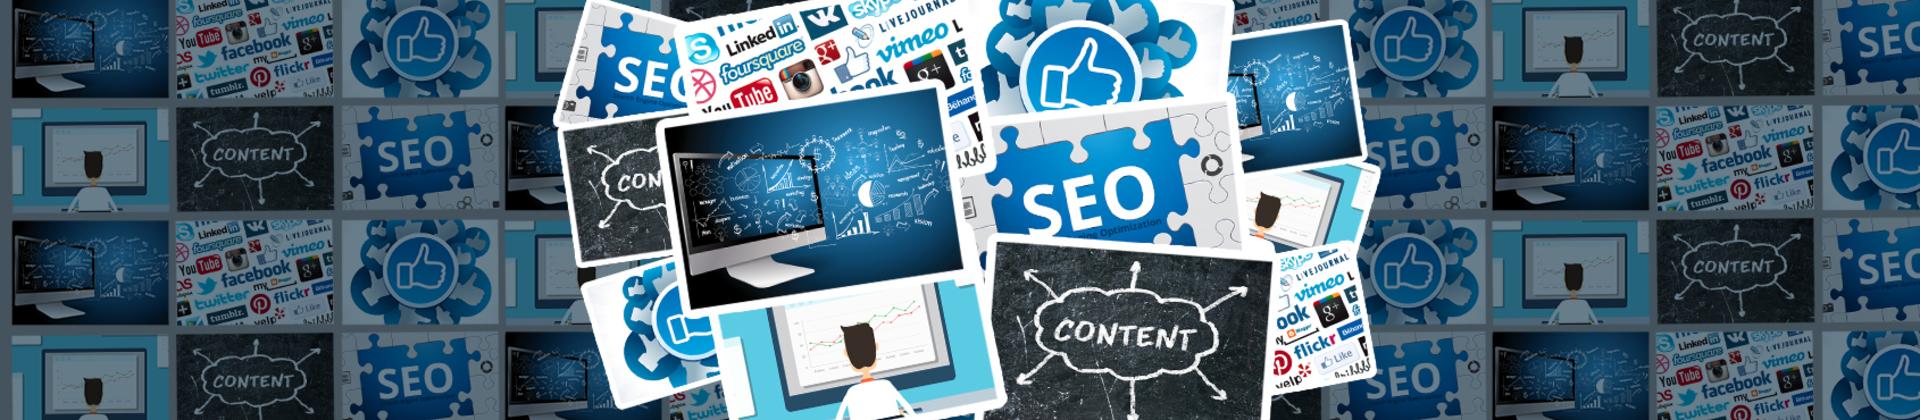 #<School:0x007f5754ec3238>-70 horas/aula de conhecimento prático em Marketing Digital